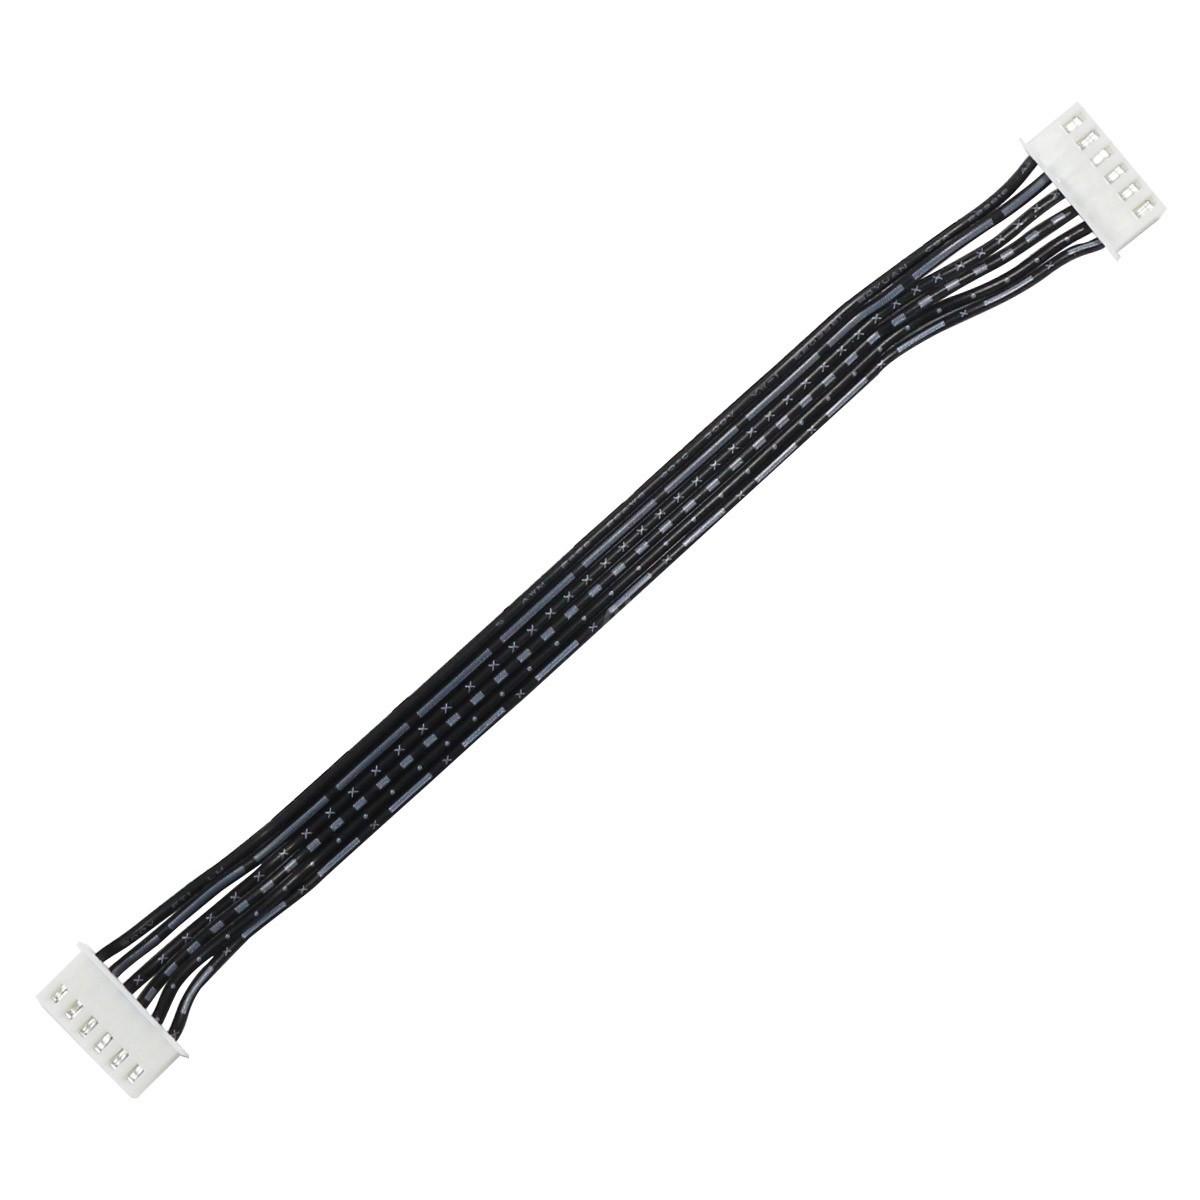 Câble XH Femelle / Femelle avec 2 Connecteurs 6 Pôles 15cm (unité)